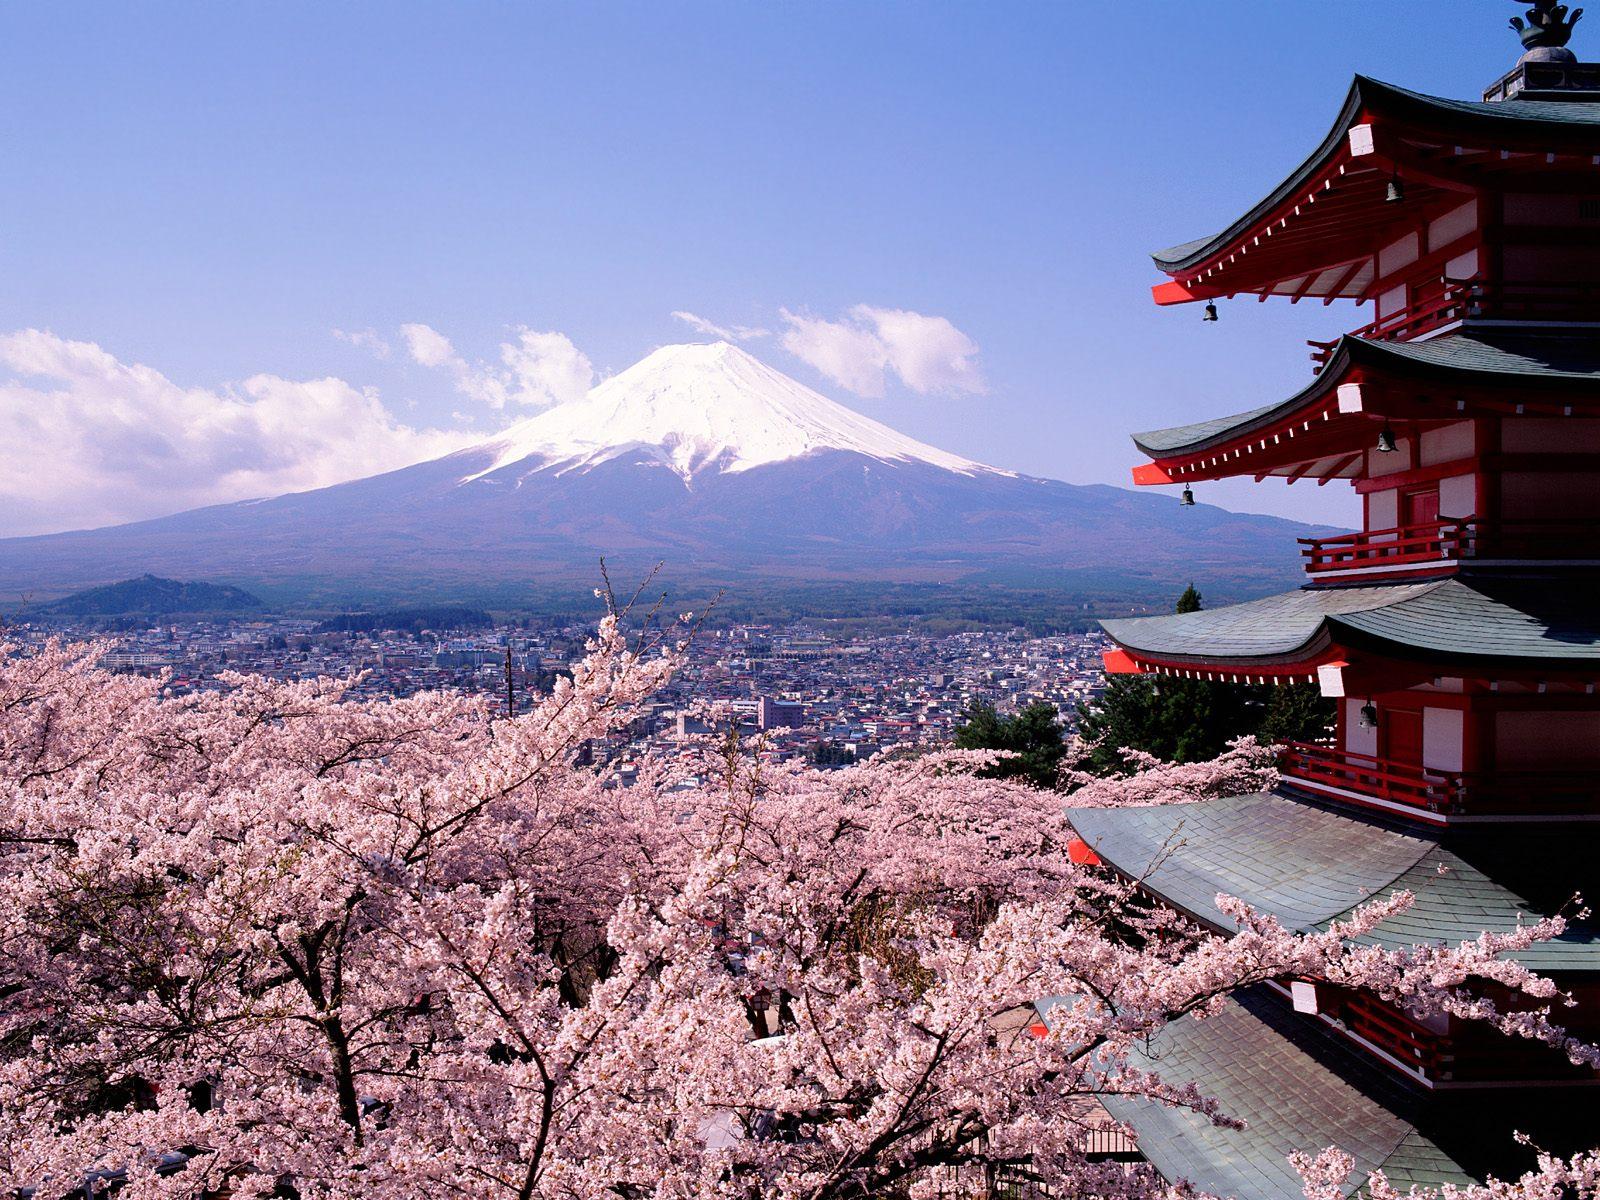 http://4.bp.blogspot.com/_esI-JjdXJLw/TI3pL0LV-SI/AAAAAAAAAEM/JukKoSG9mz4/s1600/Mt+Fuji+and+house.jpg